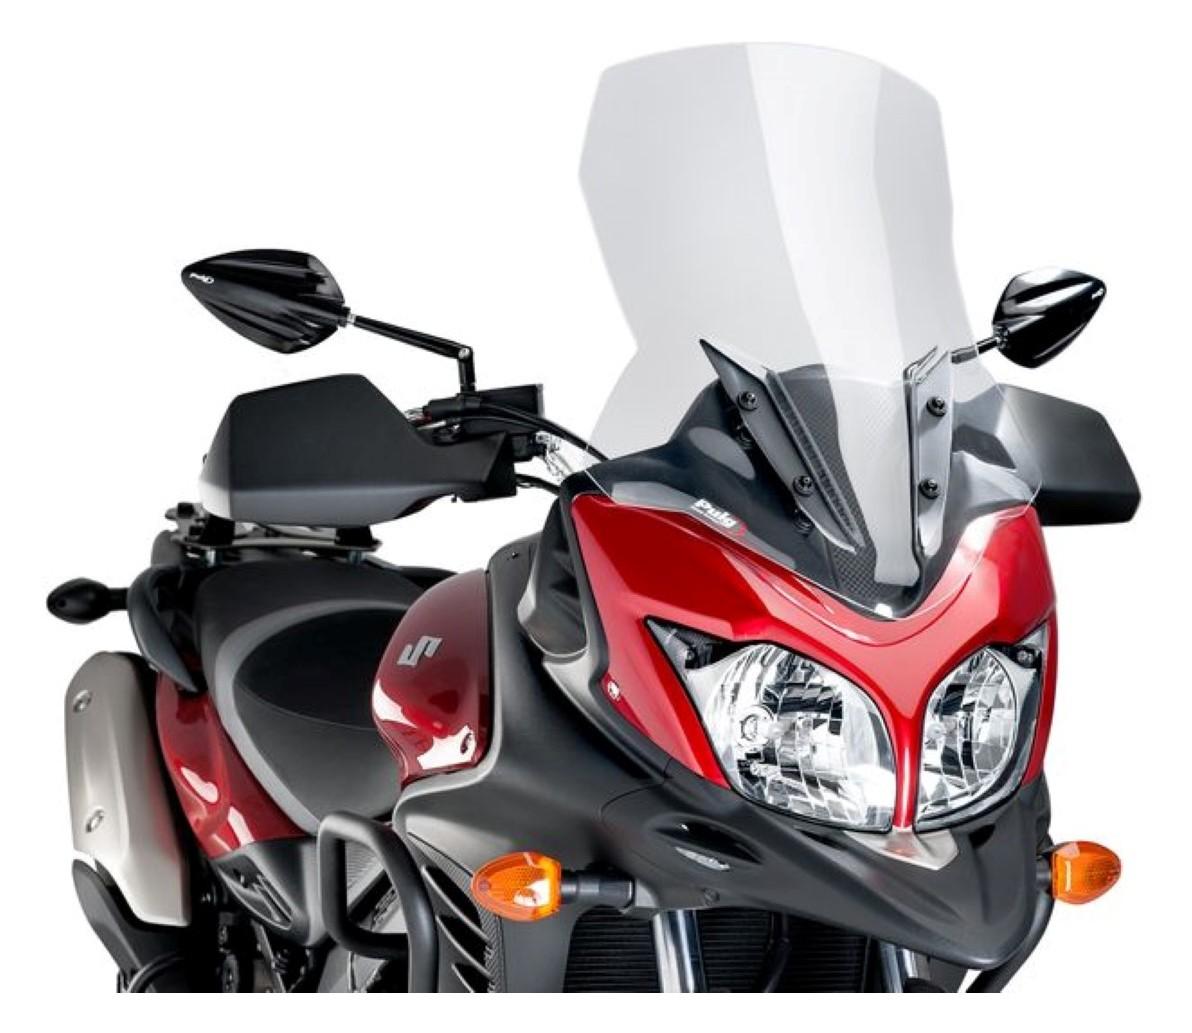 Pro Taper Handlebars >> Puig Touring Windscreen Suzuki V-Strom 650 2012-2016 ...